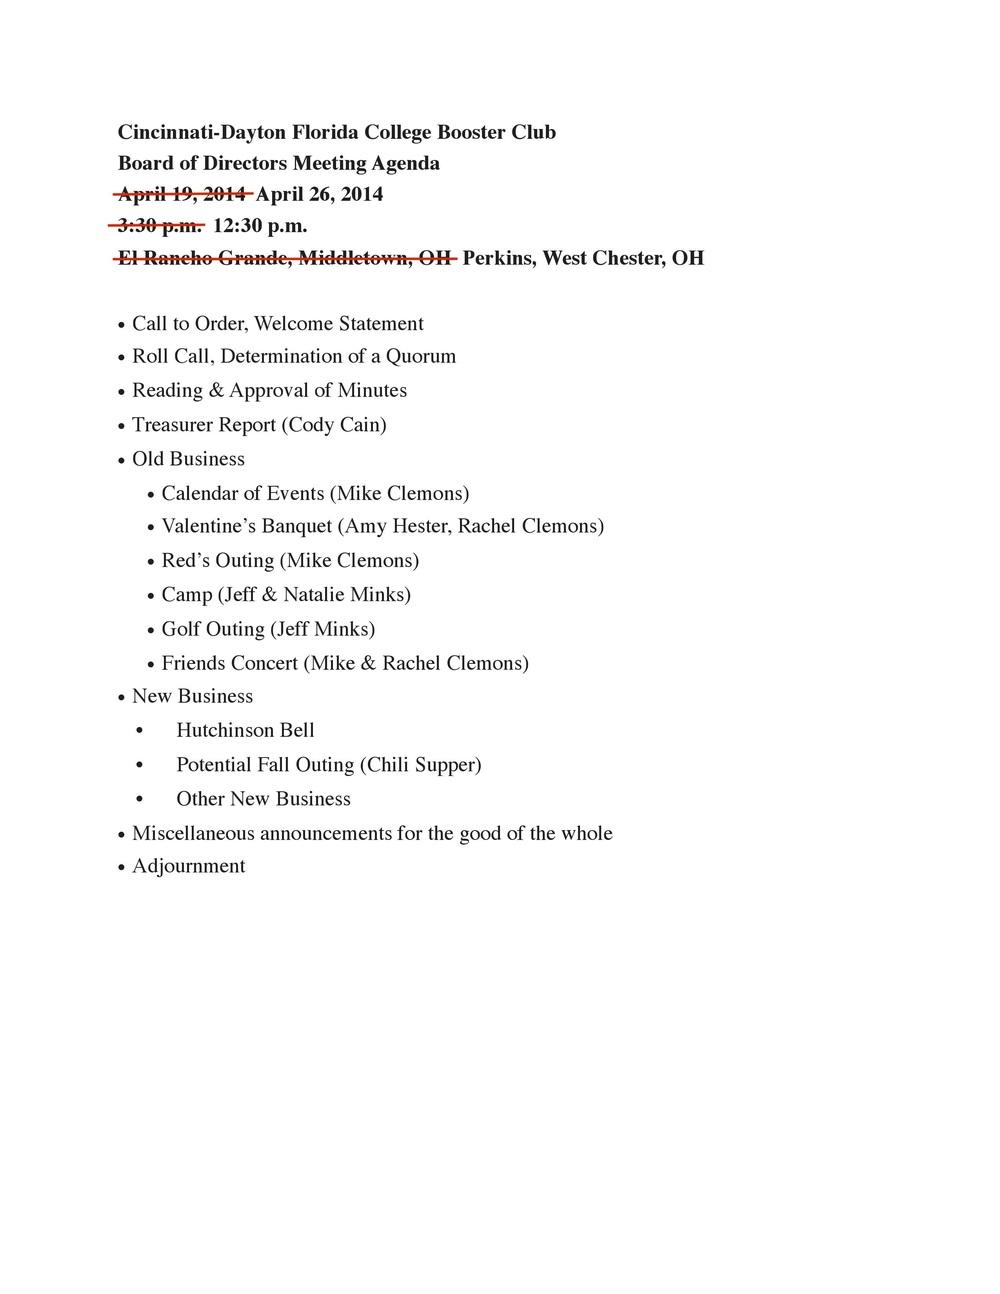 Agenda 4.26.14.jpg